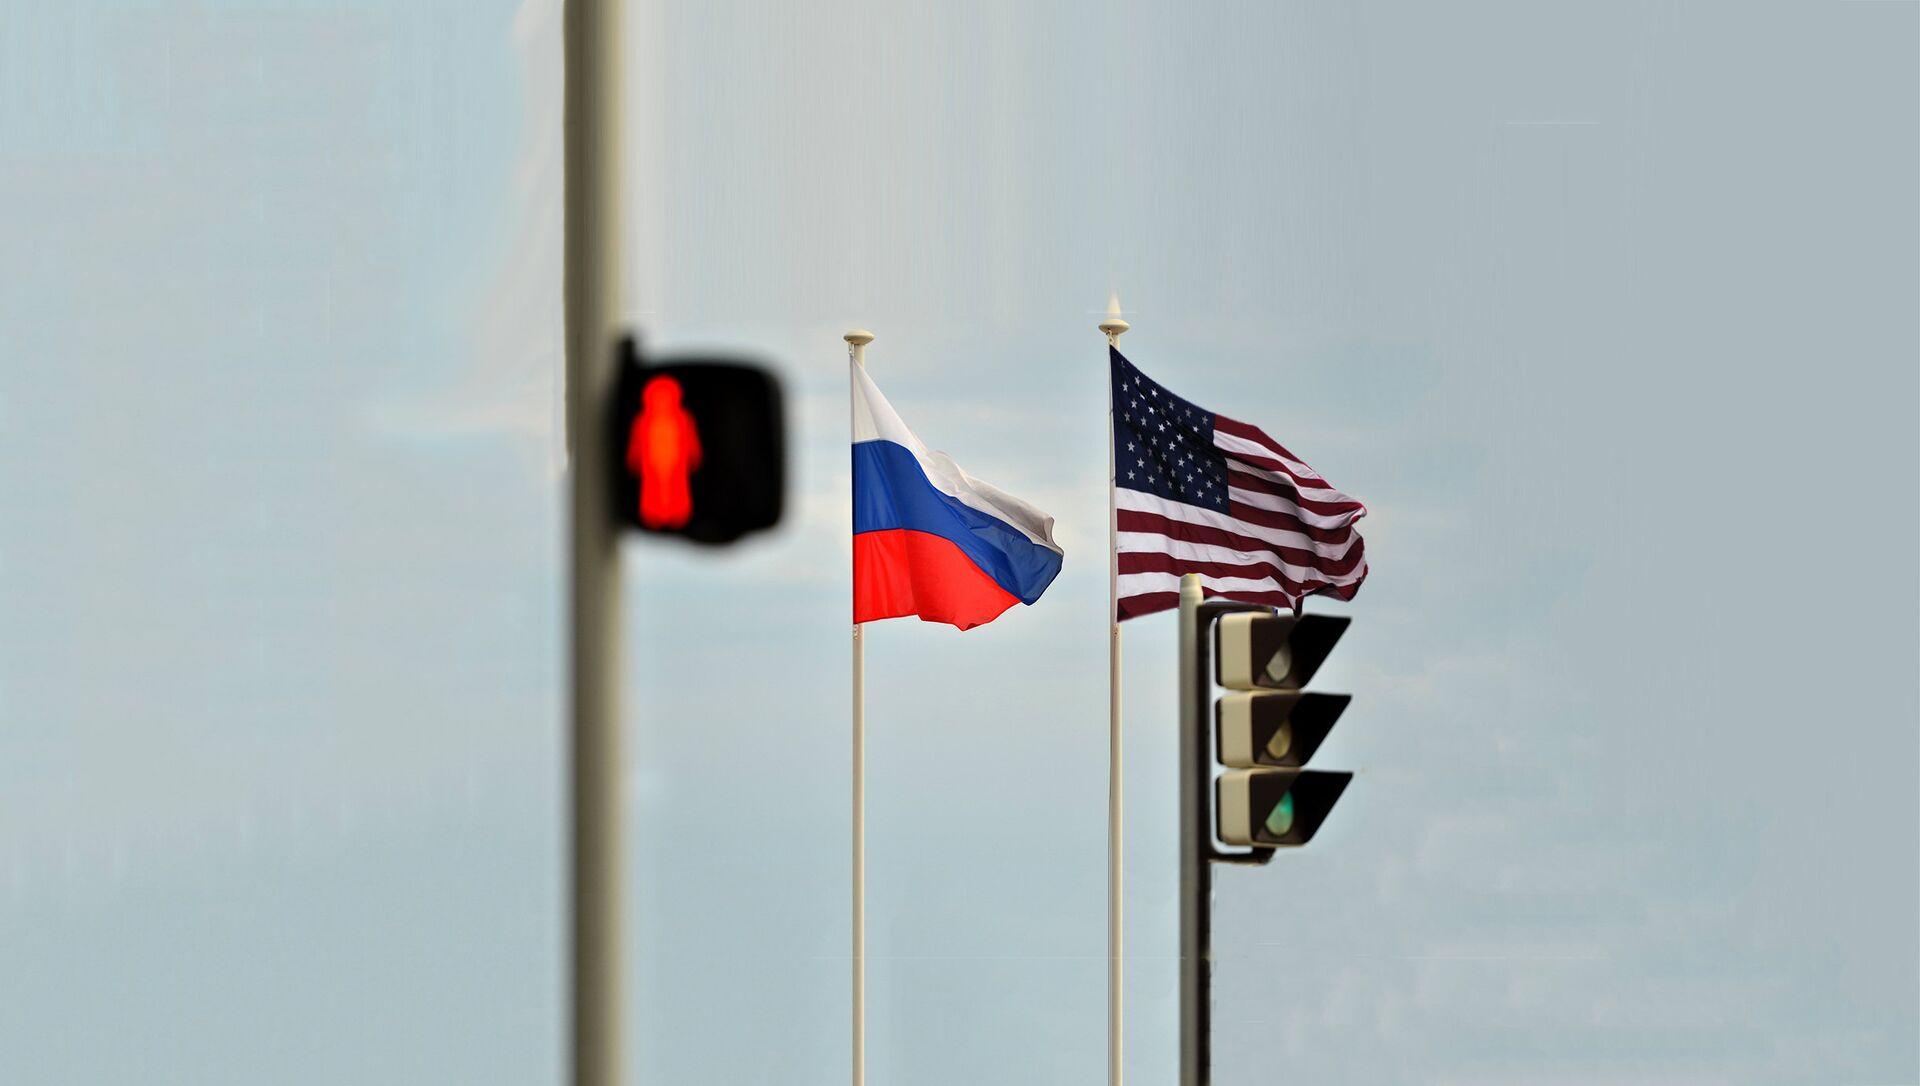 Заставе Русије и SAD - Sputnik Србија, 1920, 16.02.2021